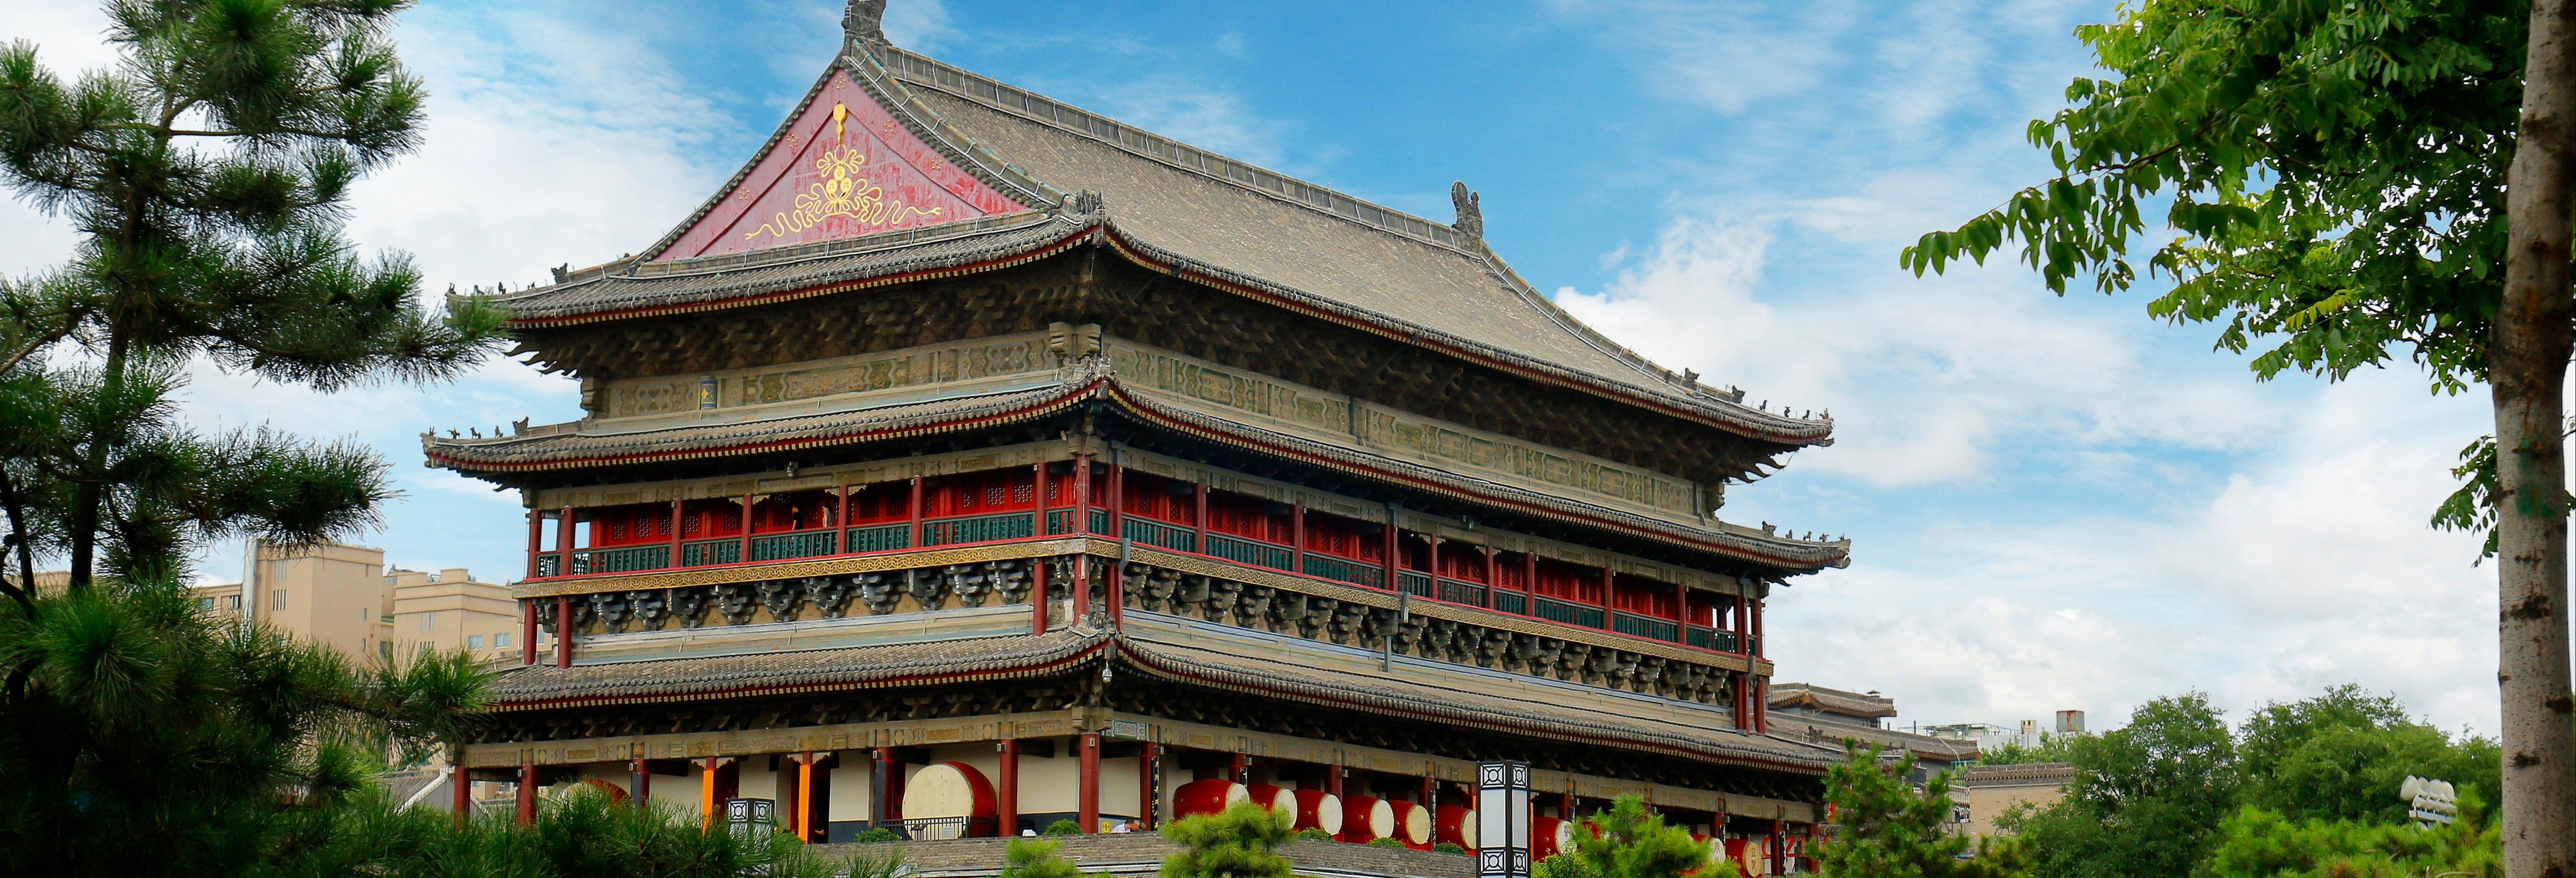 Visite complète de Xi'an